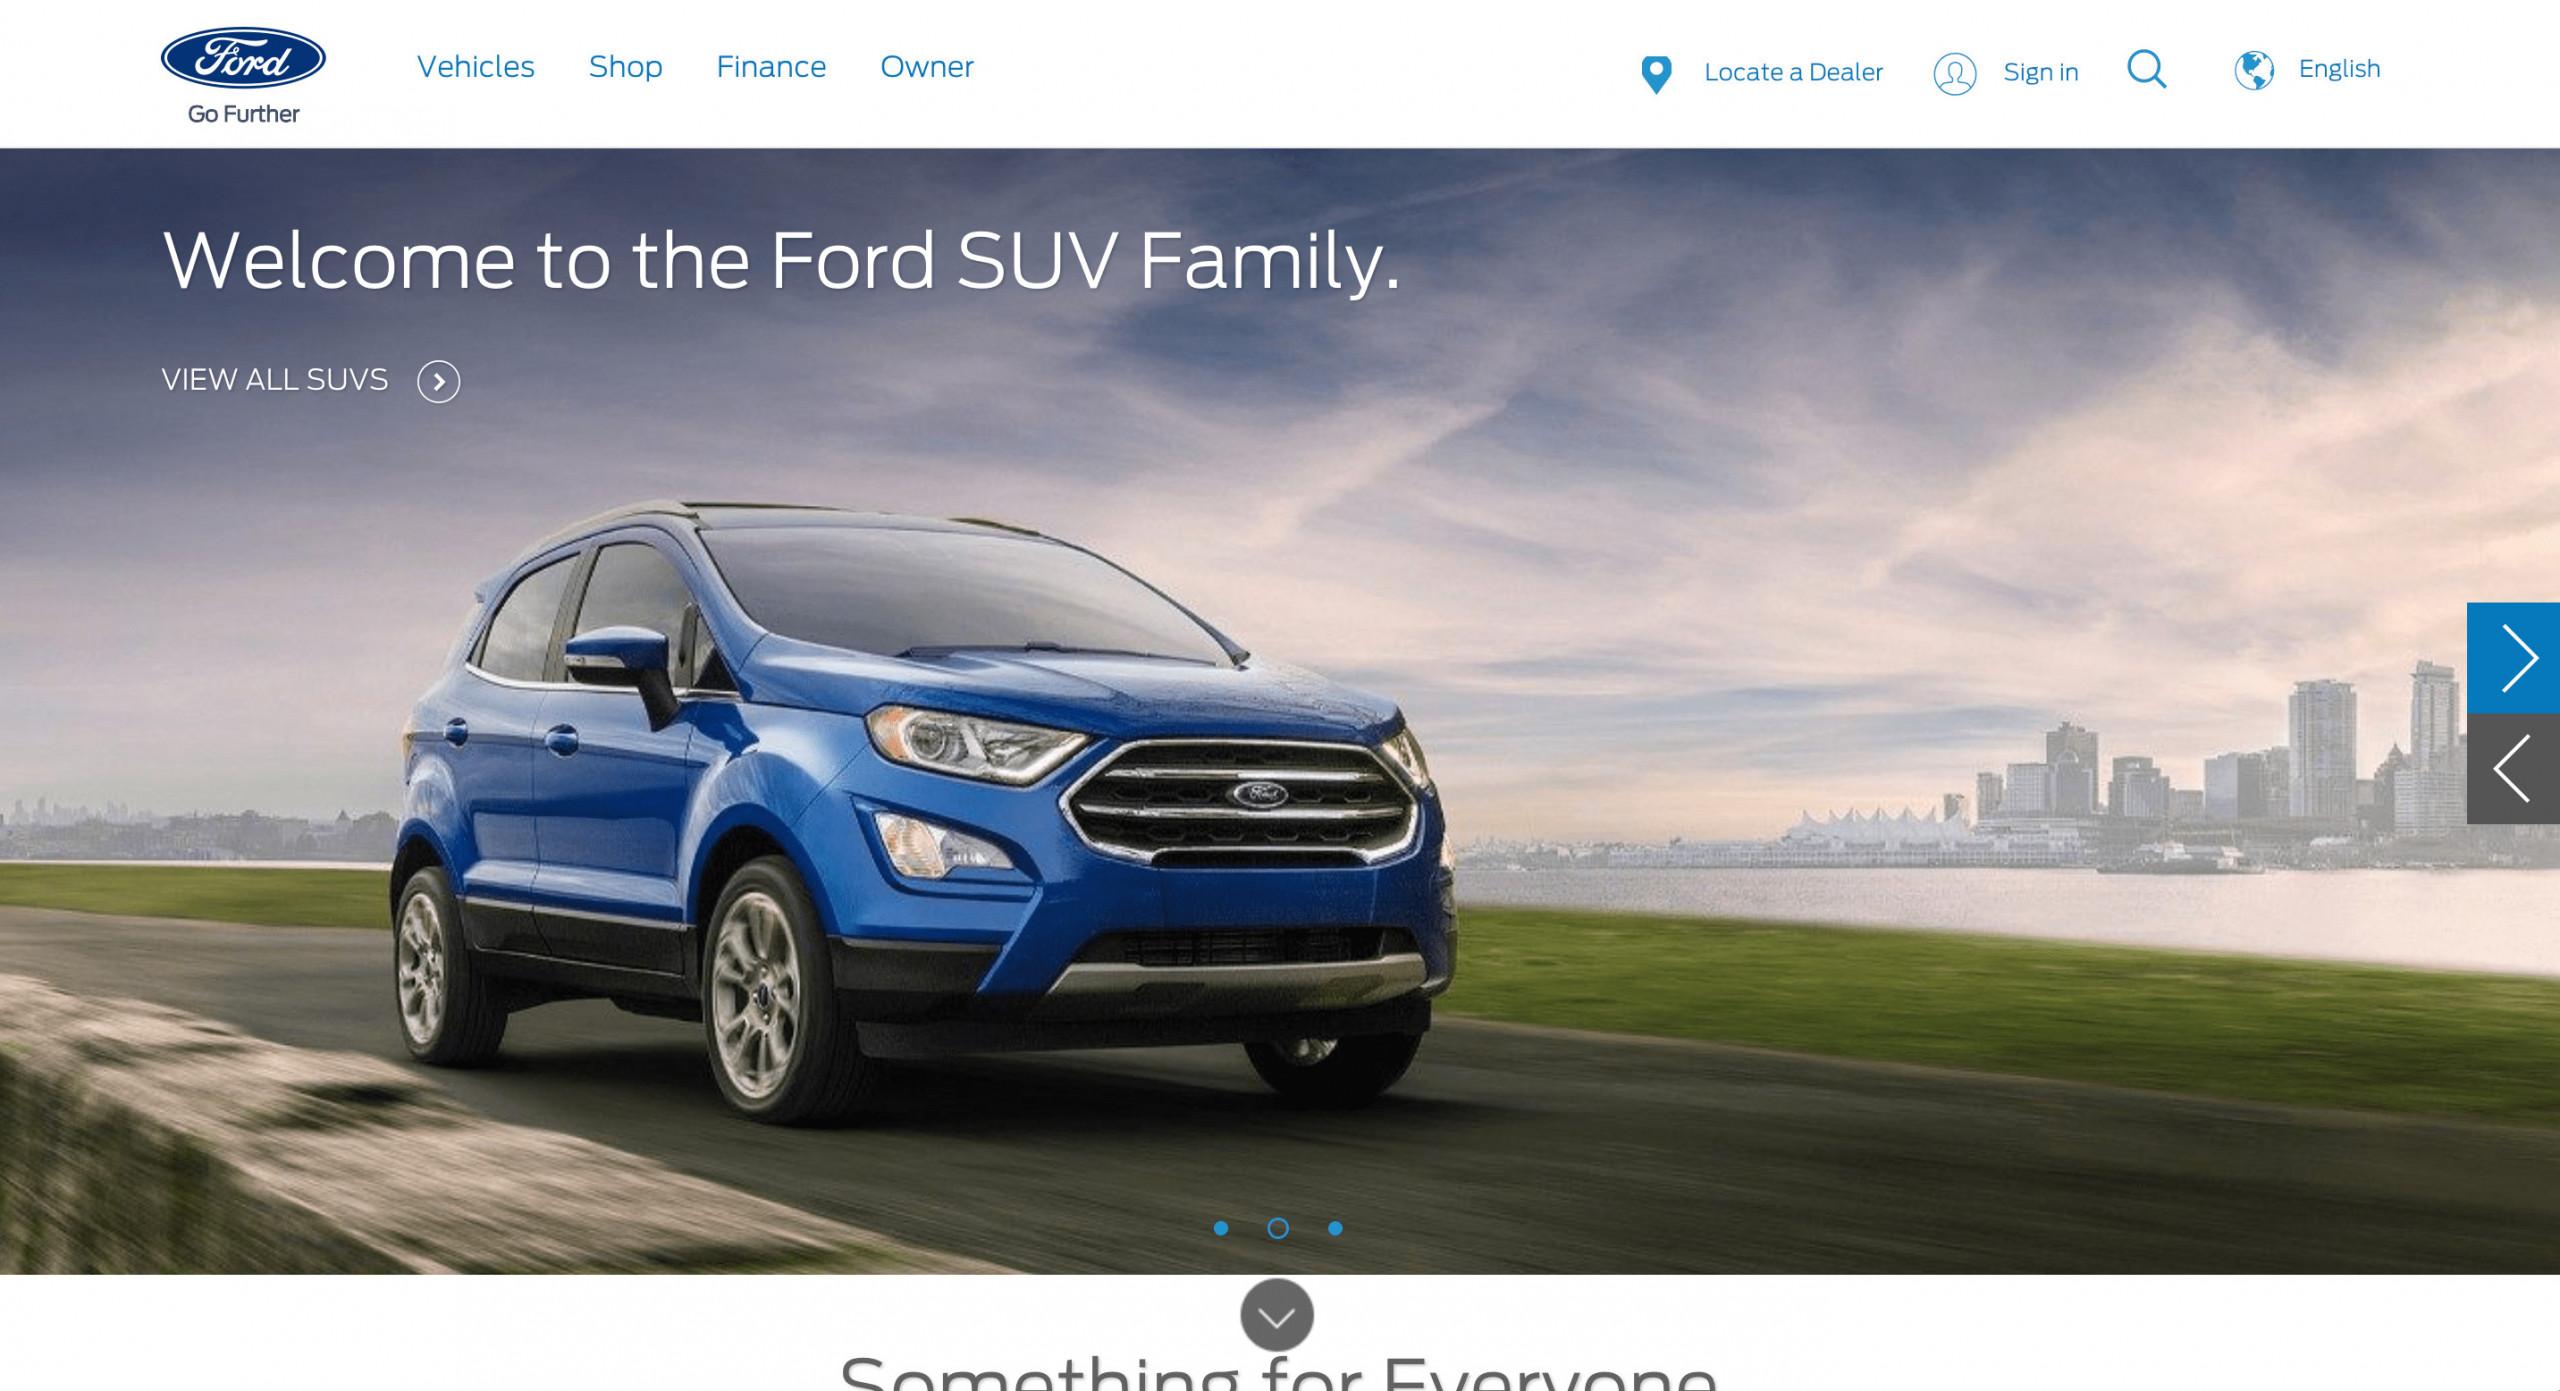 Trang chủ Website ô tô Ford